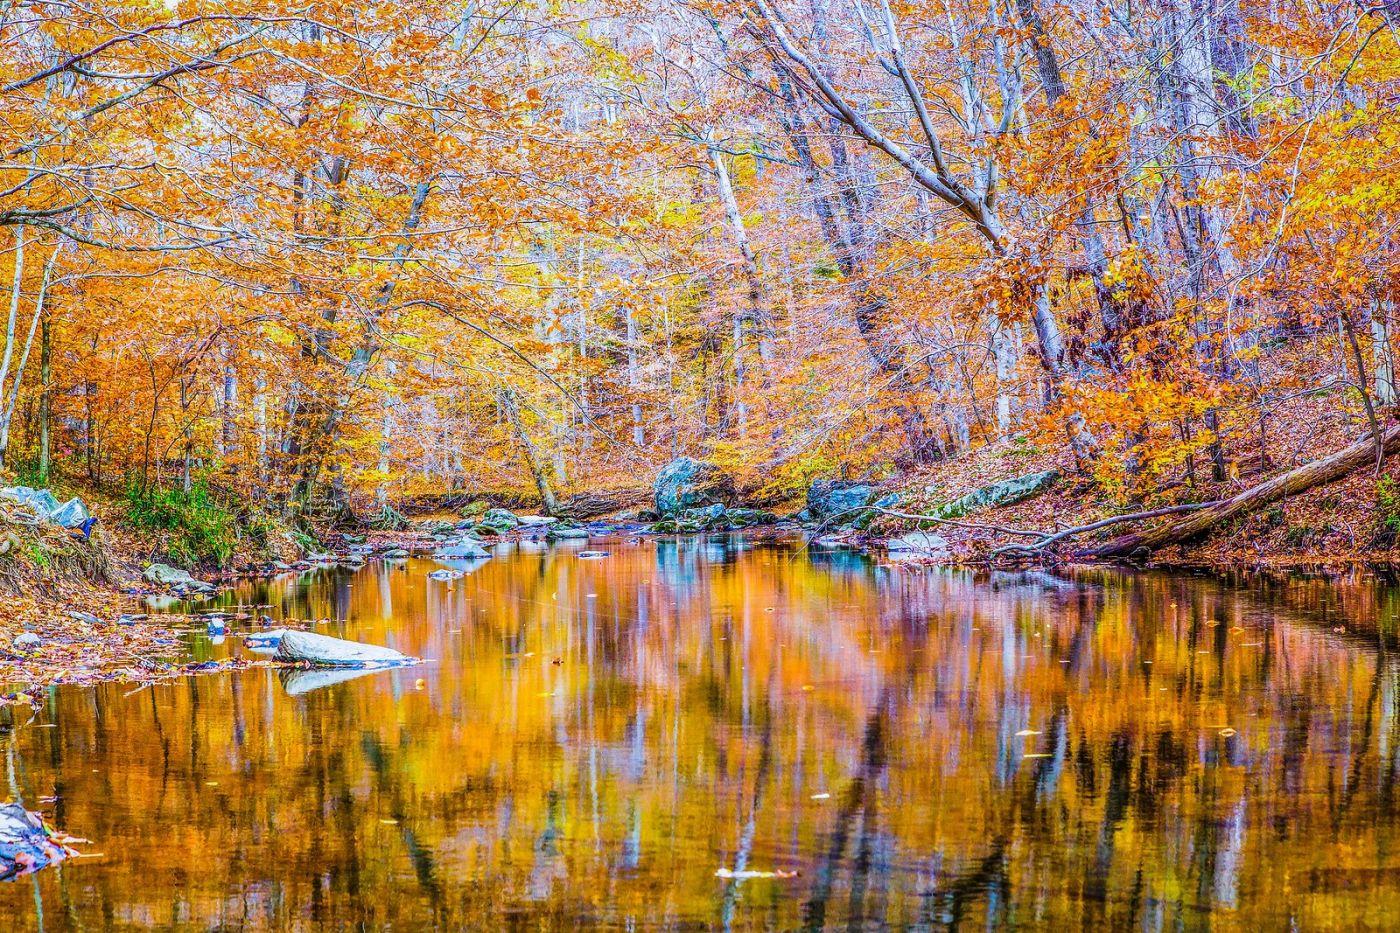 宾州雷德利克里克公园(Ridley creek park),如梦的画面_图1-6